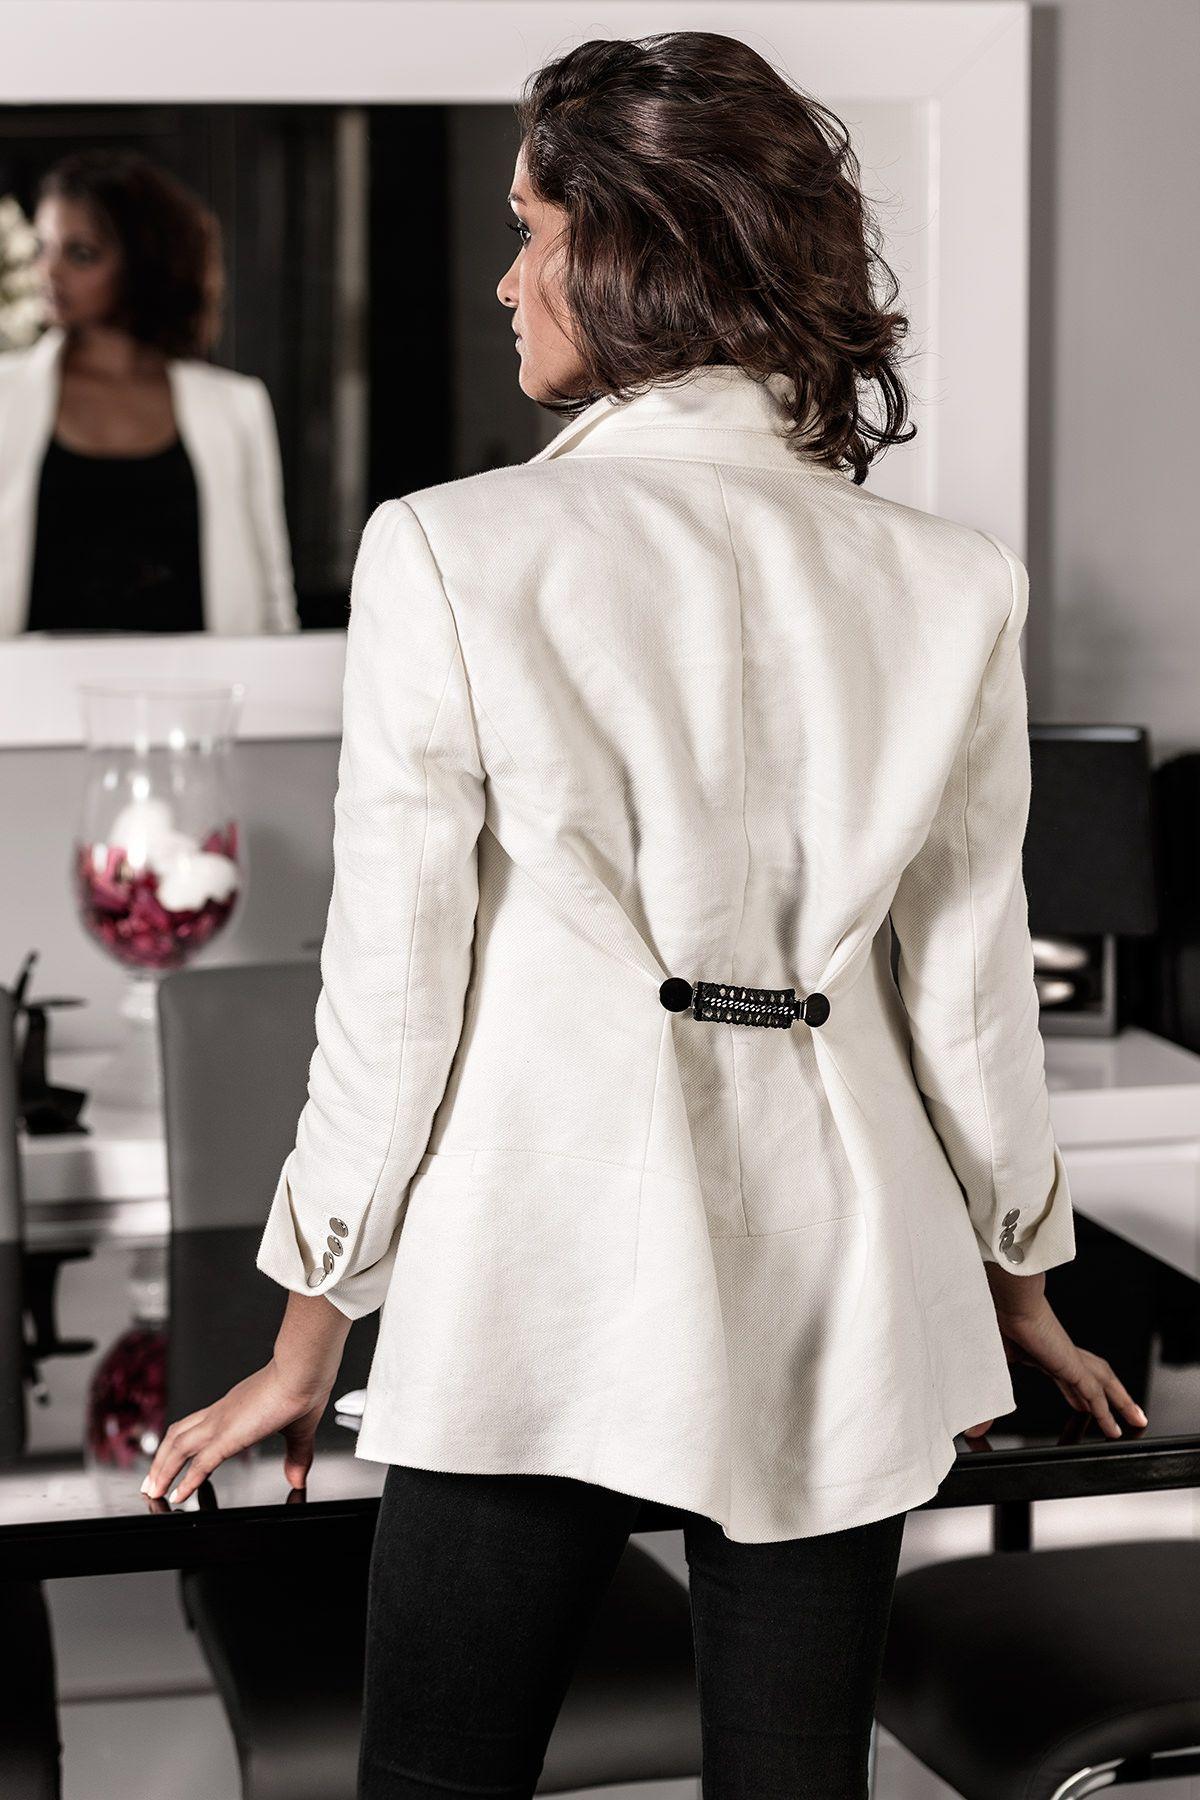 pince bijou pour vêtement CLIPSHIRT SPIRIT - clipshirt DIANE - idéal pour faire une jolie taille, cintrer une veste, être élégante - fabriqué en France